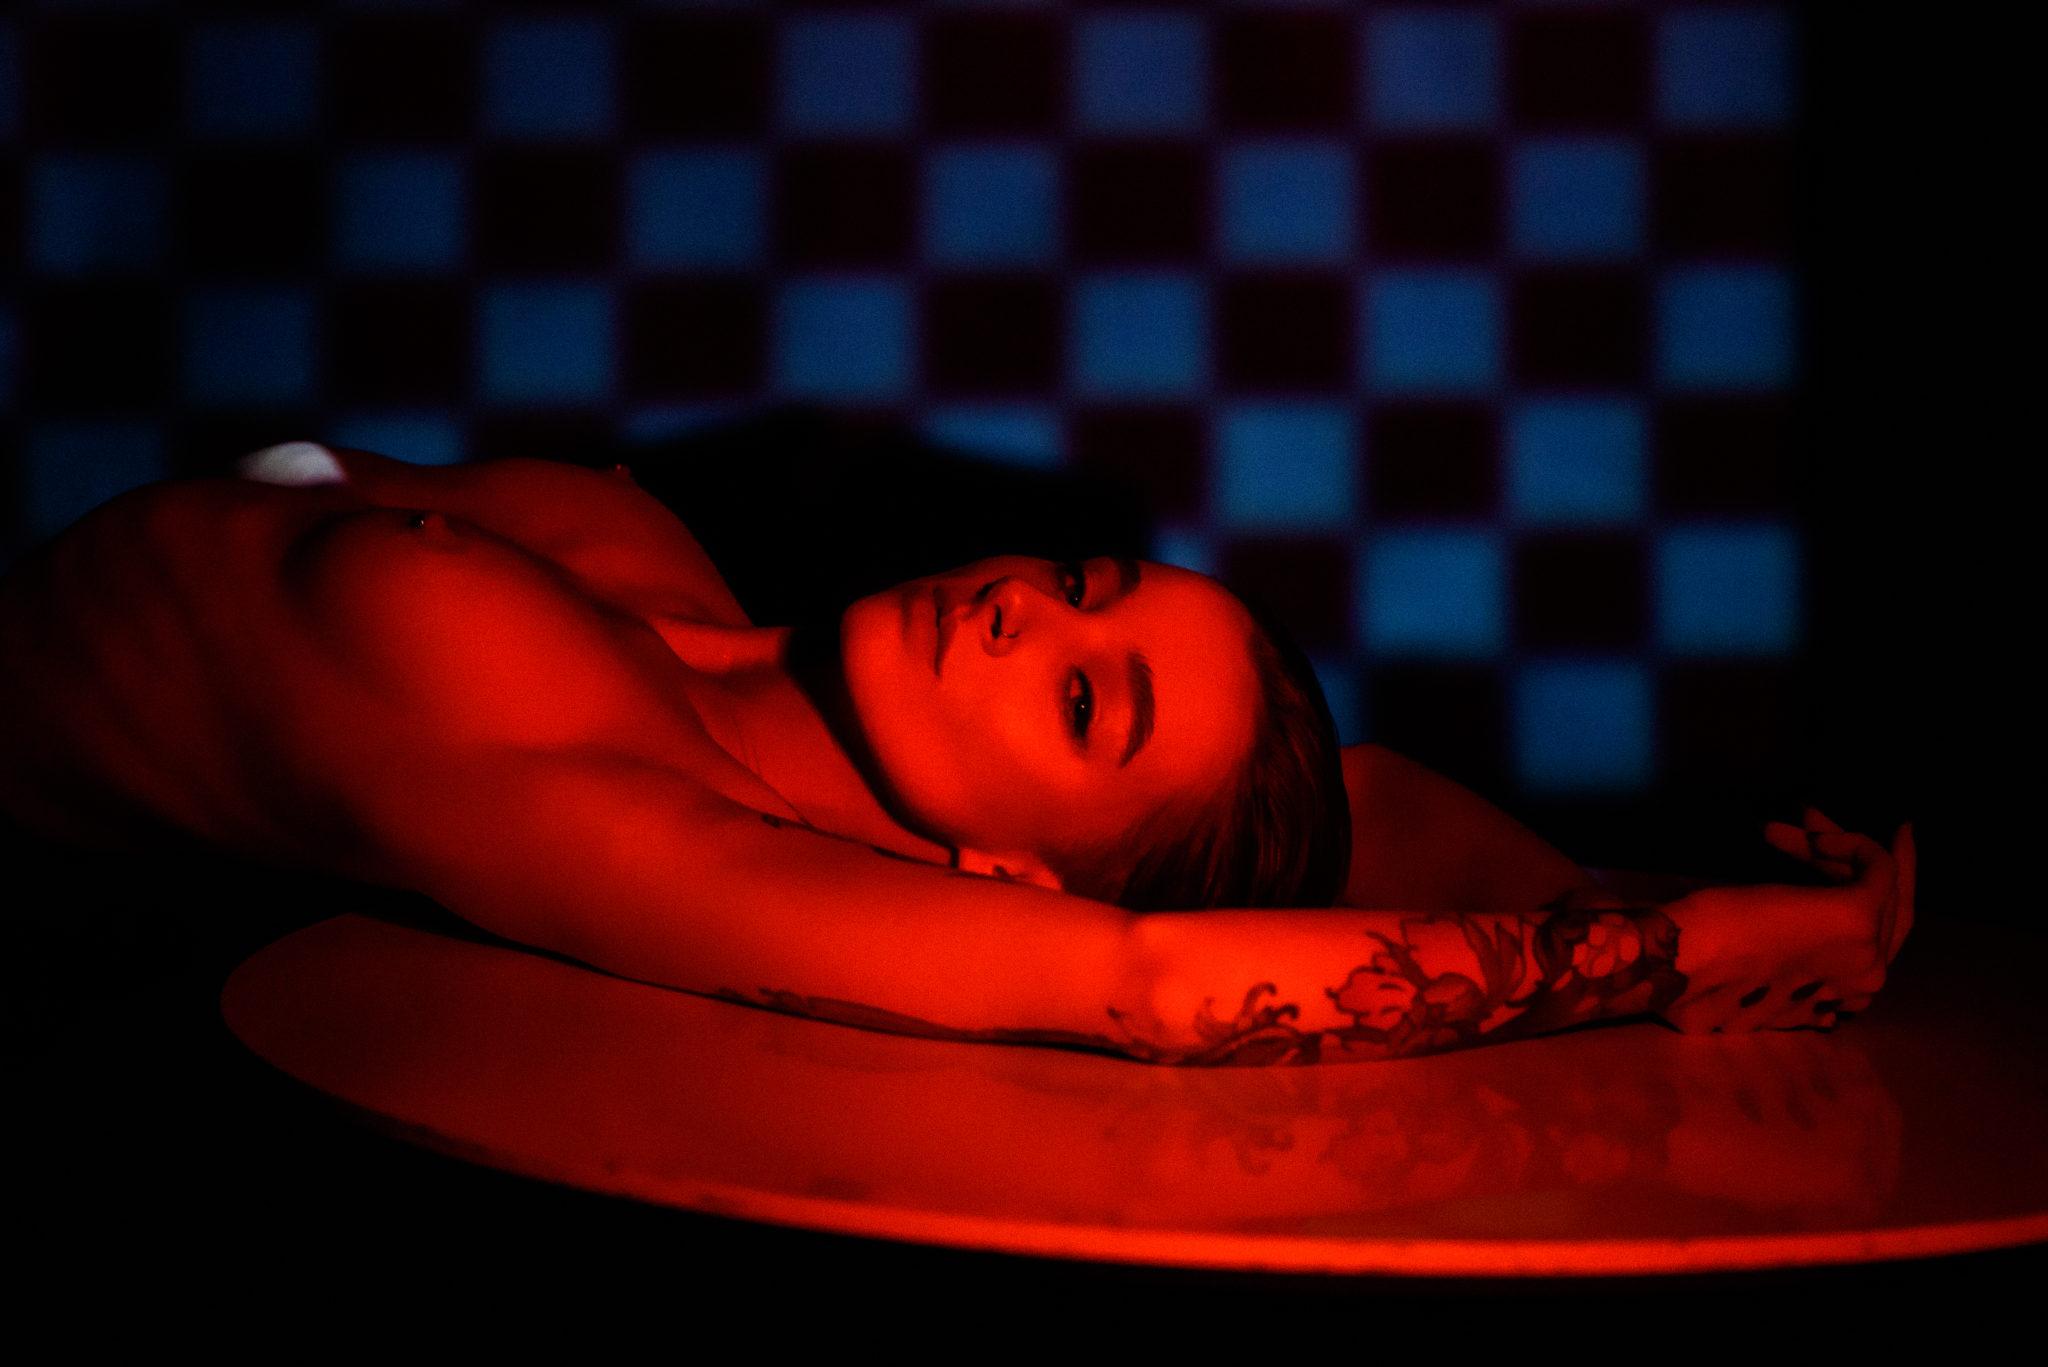 Портфолио ню фотосессии, фотограф Алиса Постниковой, модель Валерия Ионеску, обнаженная на белом столе спиной, красный свет, цветное фото